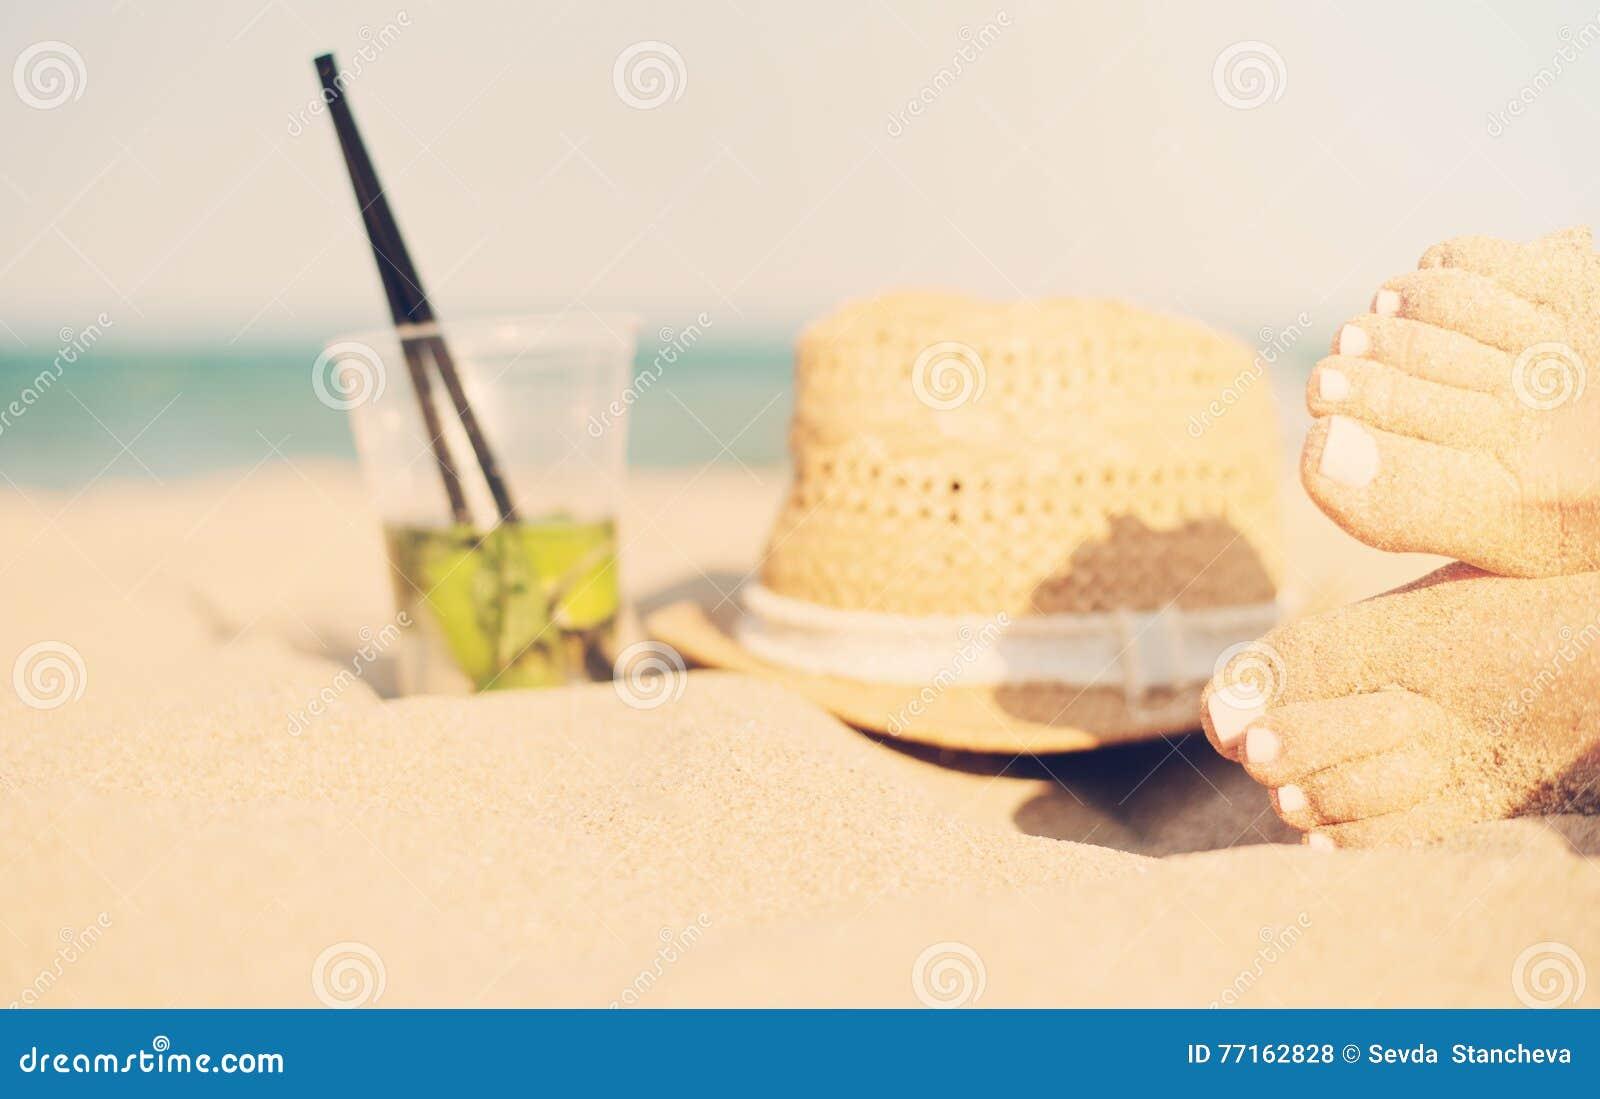 Loisirs en été - beau des pieds sexy de femmes, des jambes femelles sur la plage sablonneuse avec le chapeau et du cocktail de mo